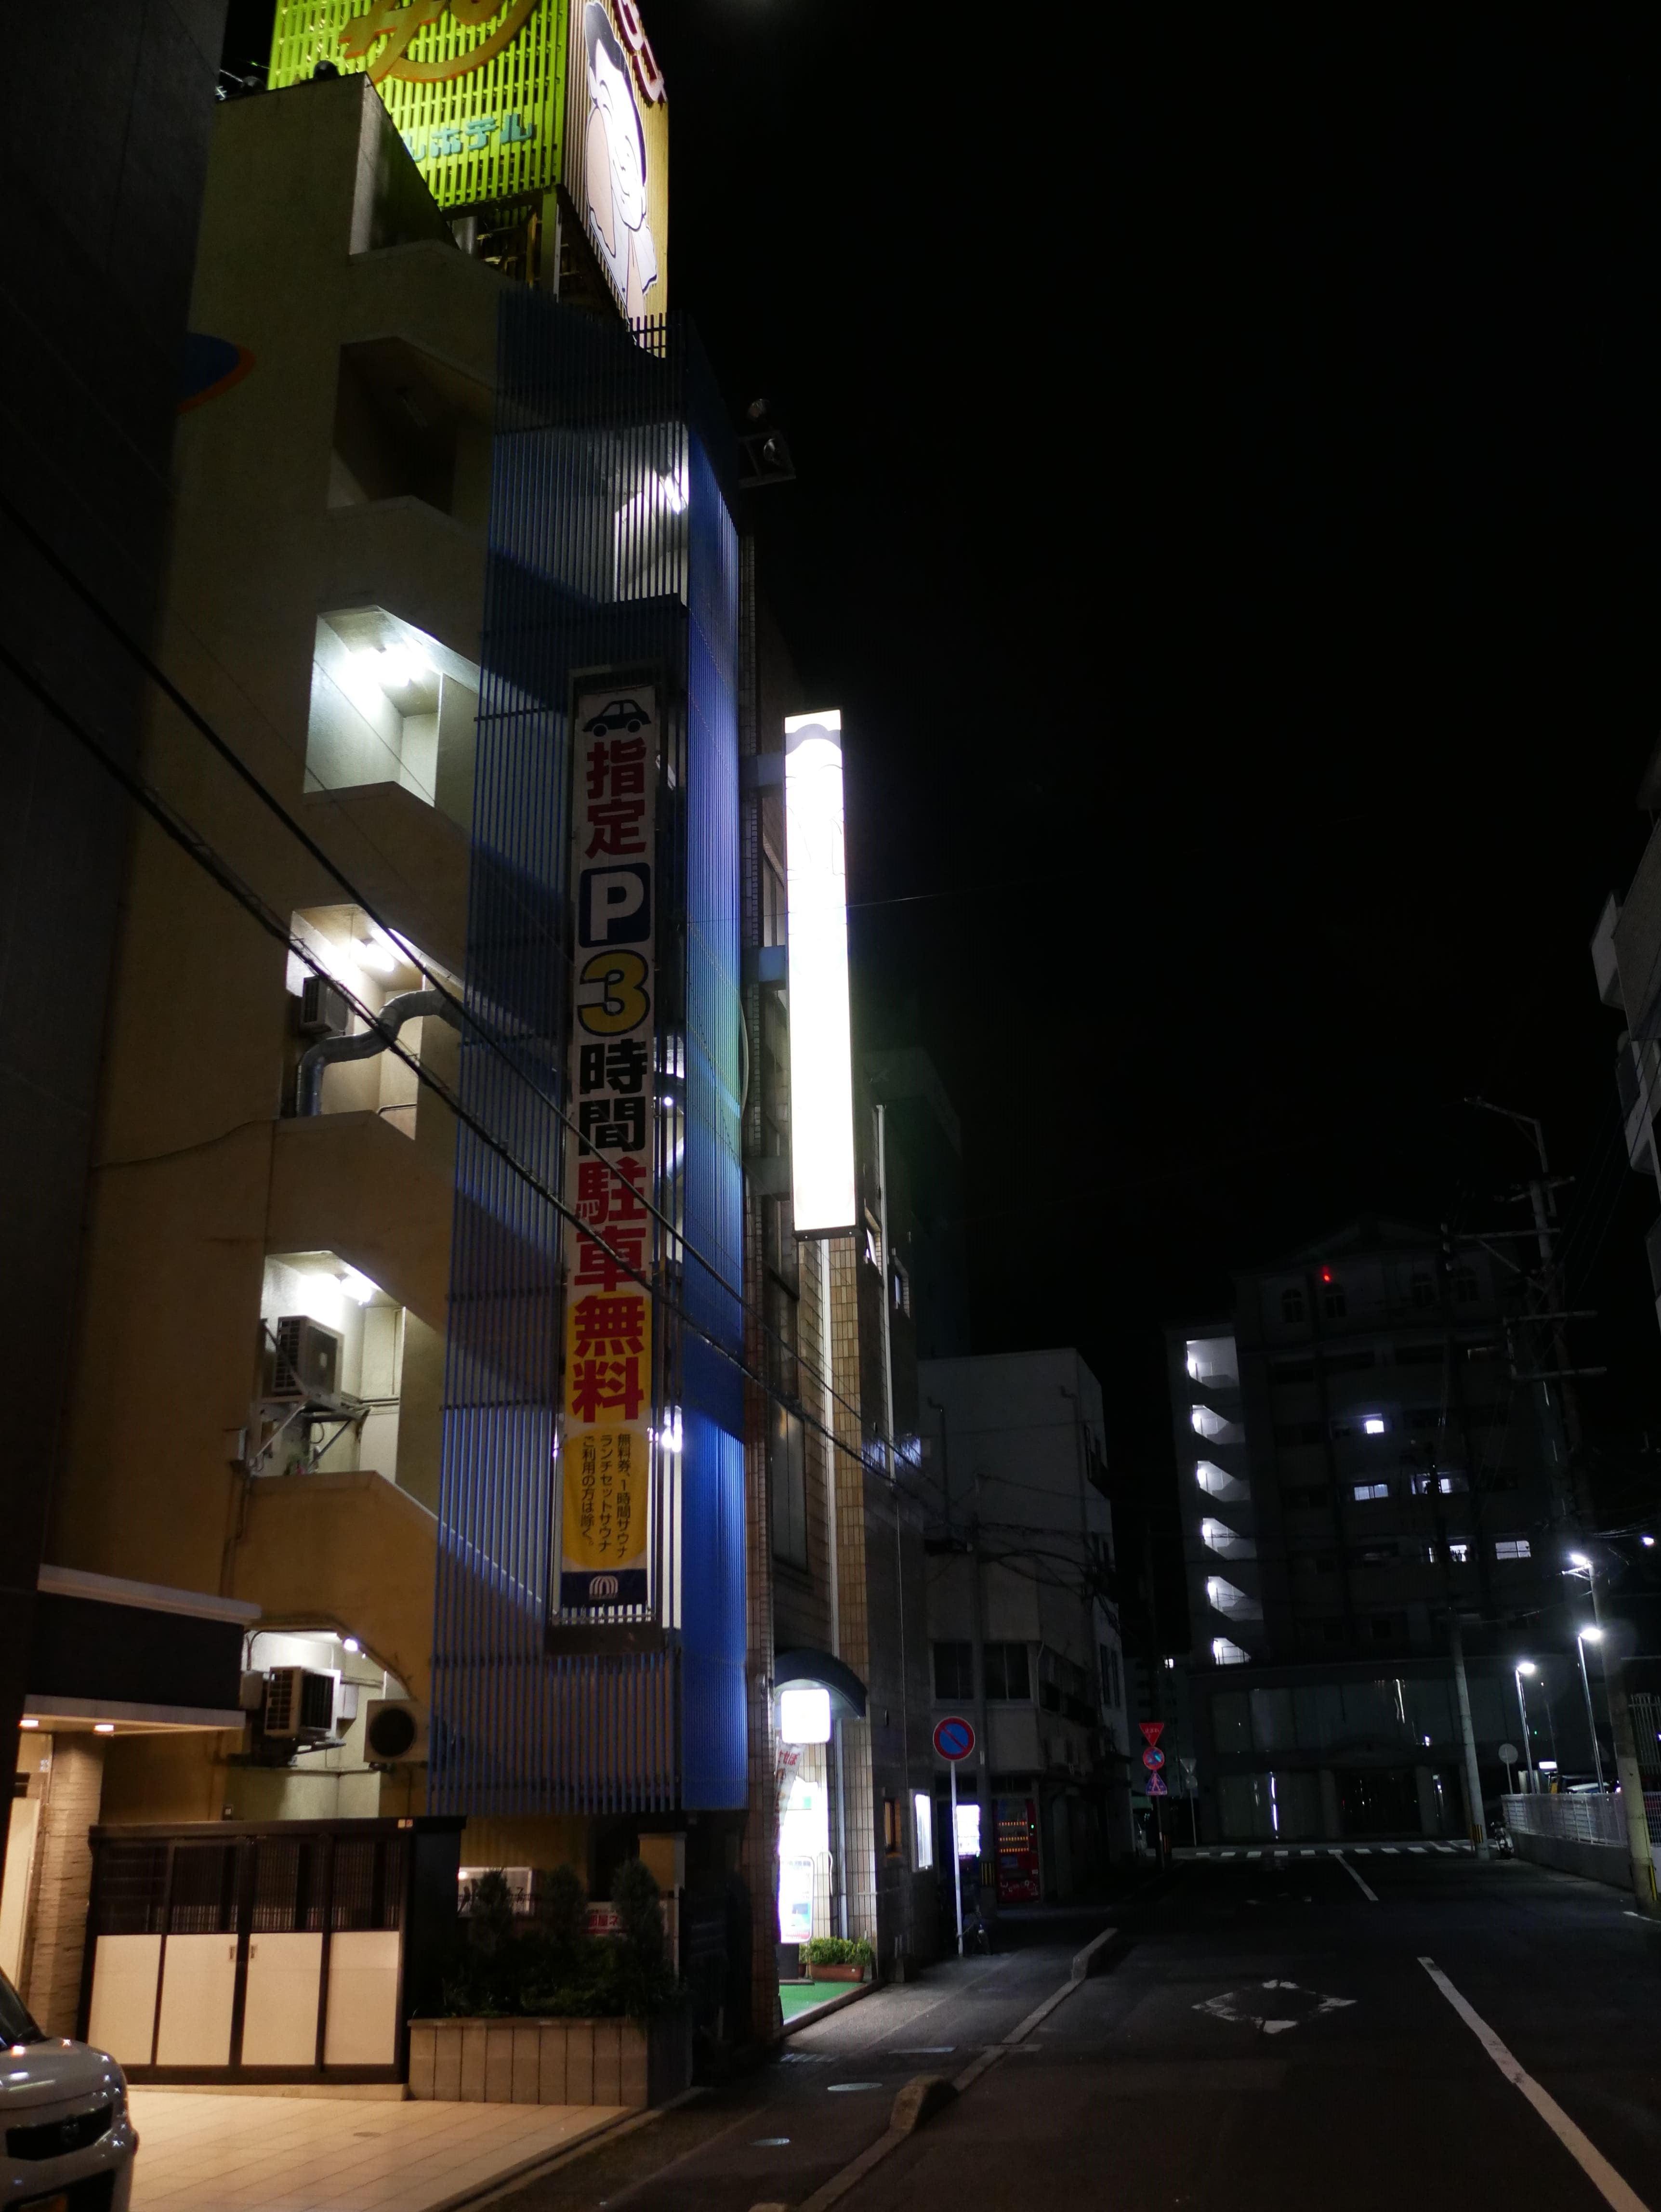 ほっとするカプセルホテル&サウナの激ウマカレー ~ 佐世保 サウナサン